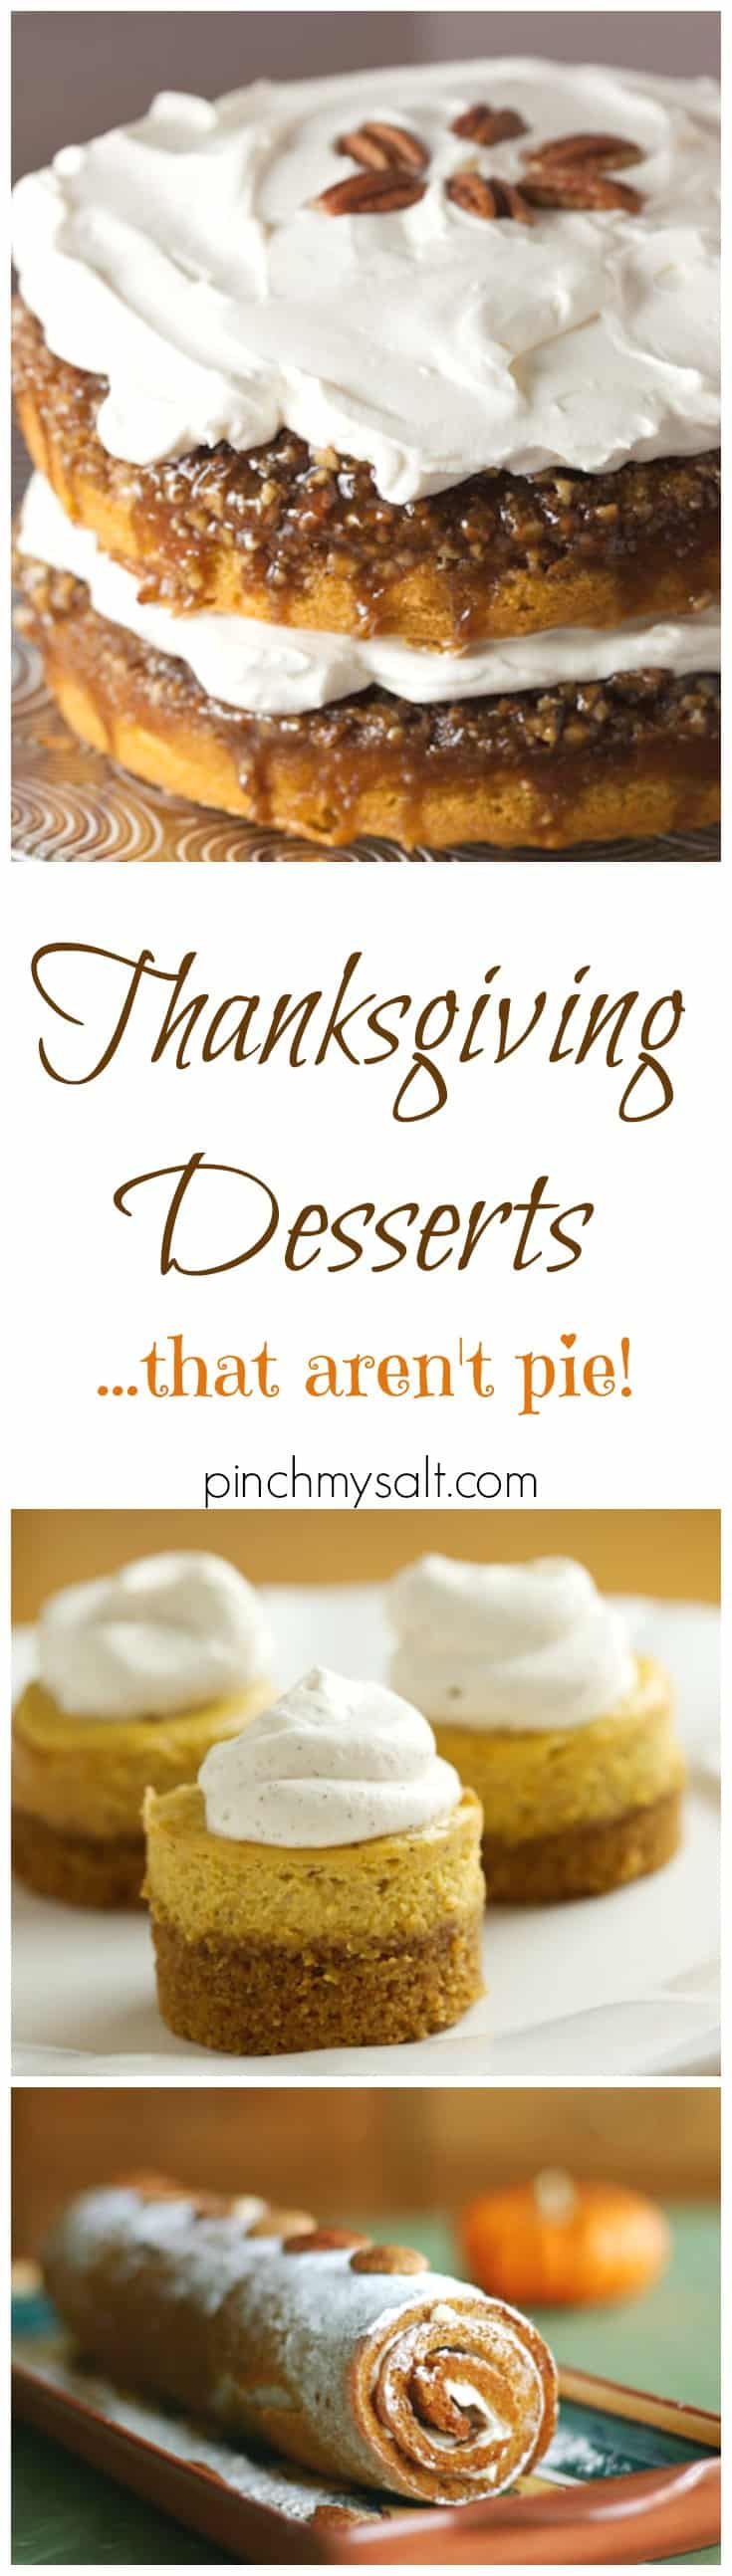 non-pie-desserts-pin